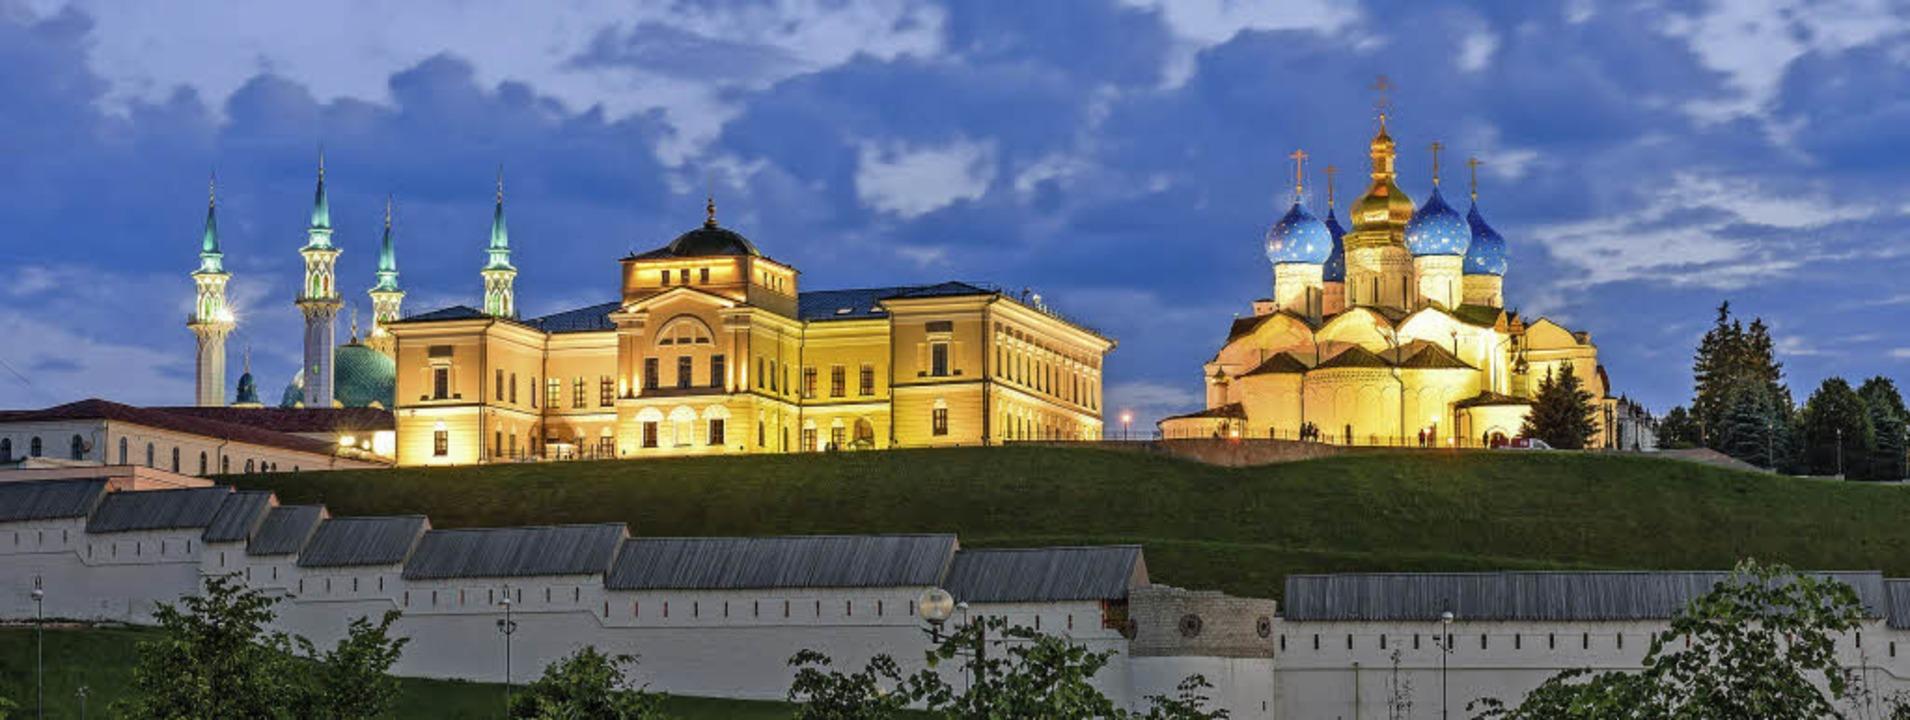 Kasan: Prächtige Architektur zeigt das Miteinander der Kulturen.   | Foto: R. Andrei/Aleksey Sudakov (stock.adobe.com)